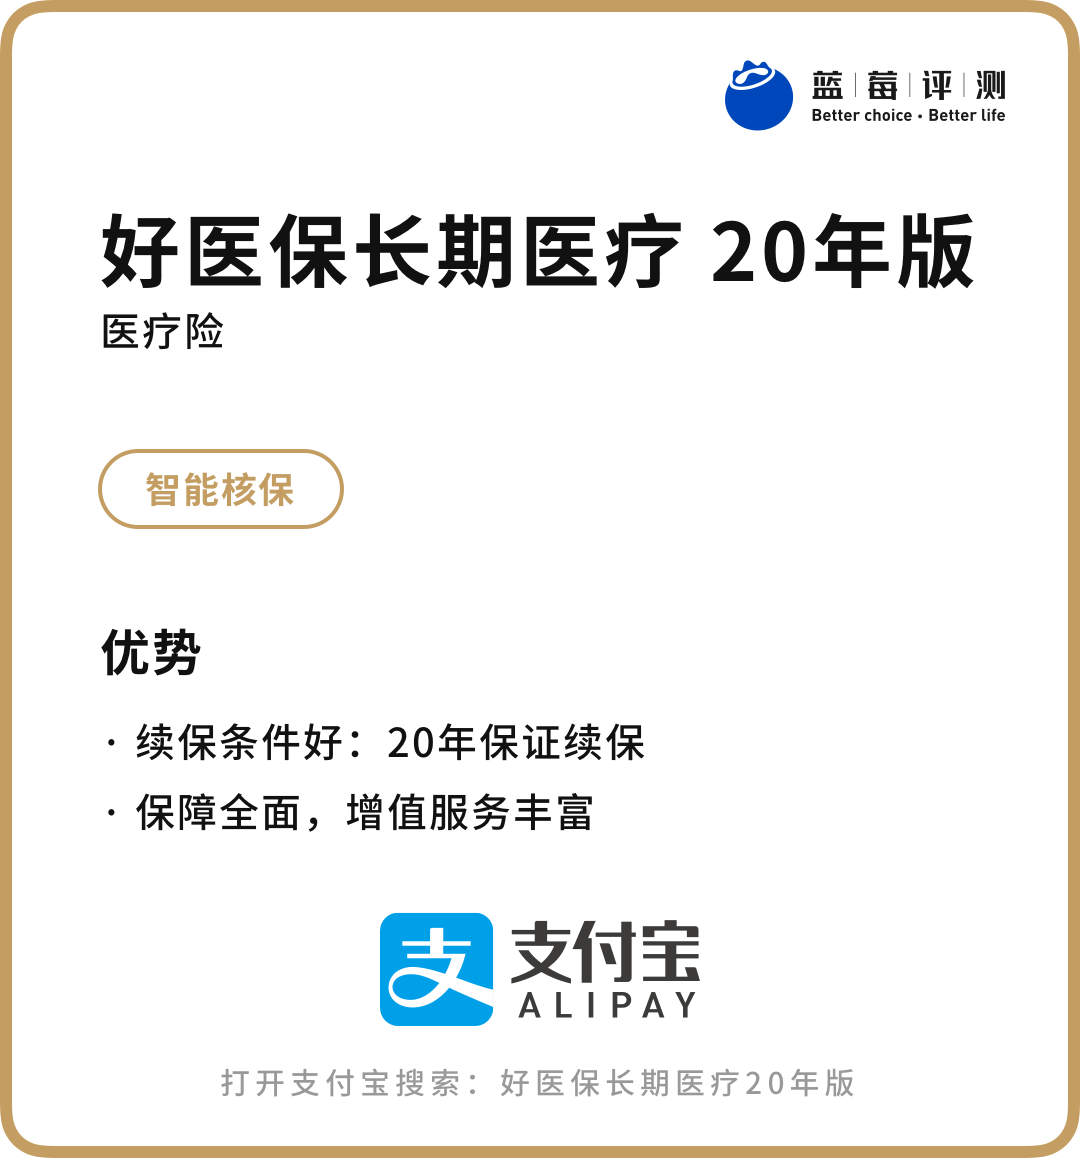 蓝莓评测   百万医疗险榜单(2021年3月)-蓝莓评测